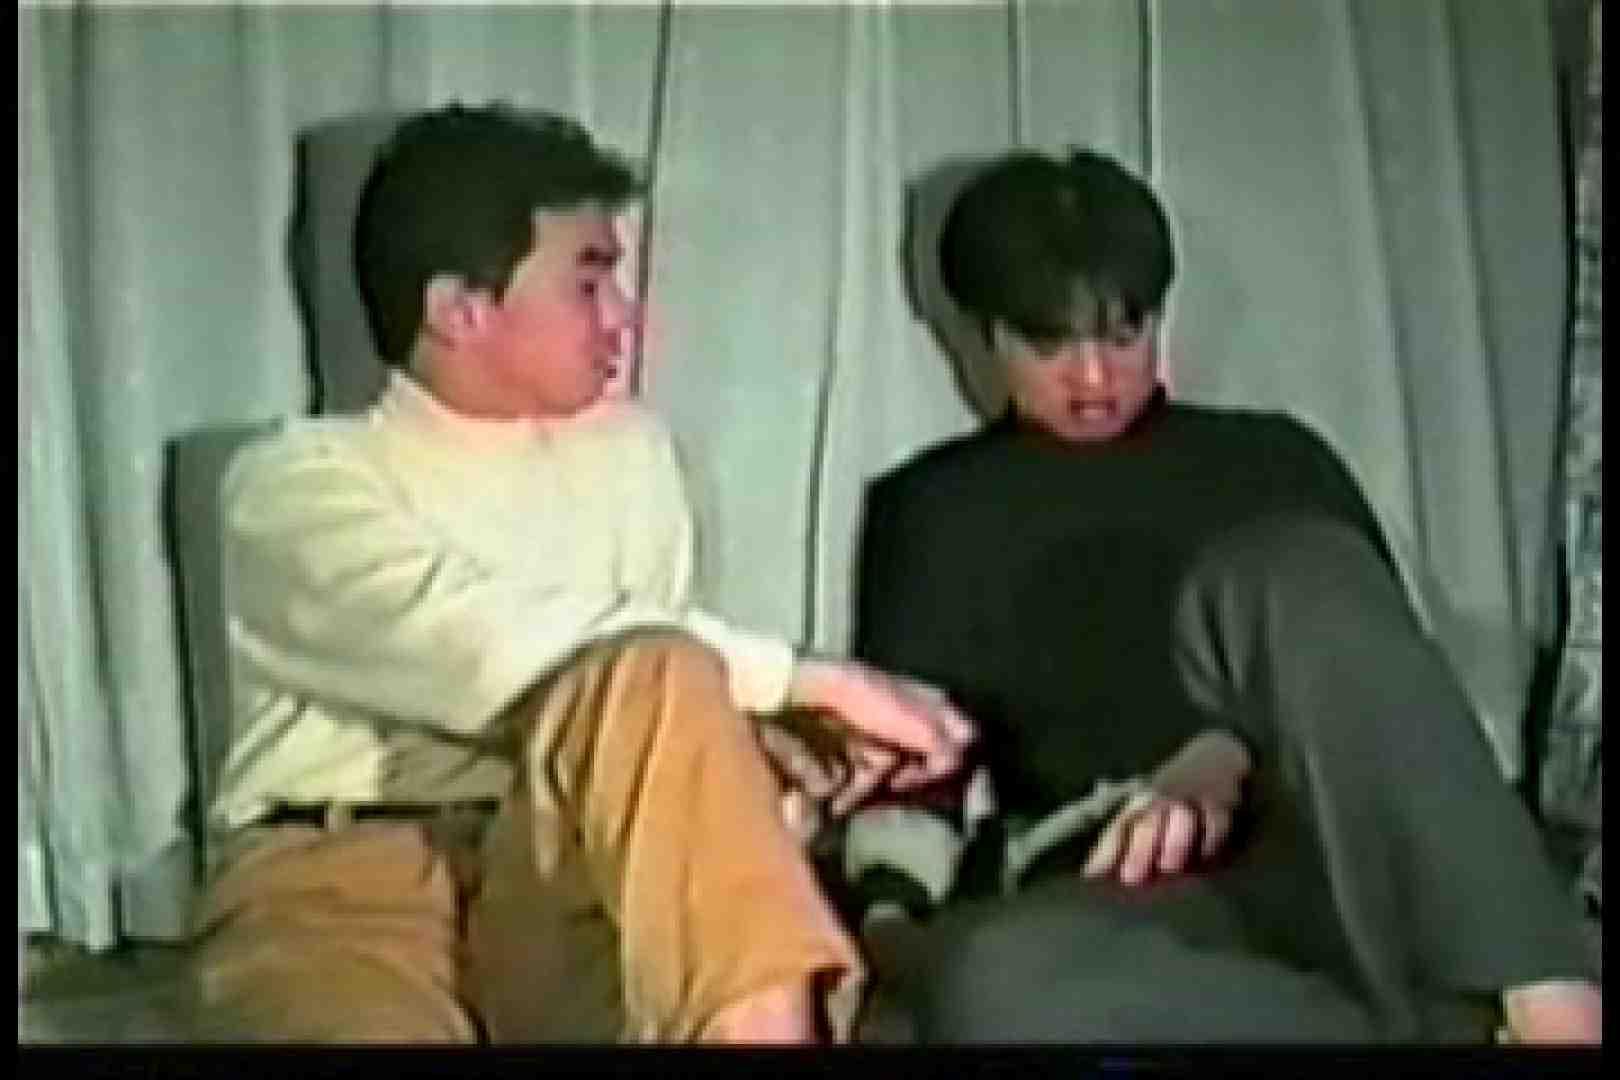 【流出投稿】若きあの頃の思ひでSEX! 流出特集 ゲイエロ動画 109枚 32